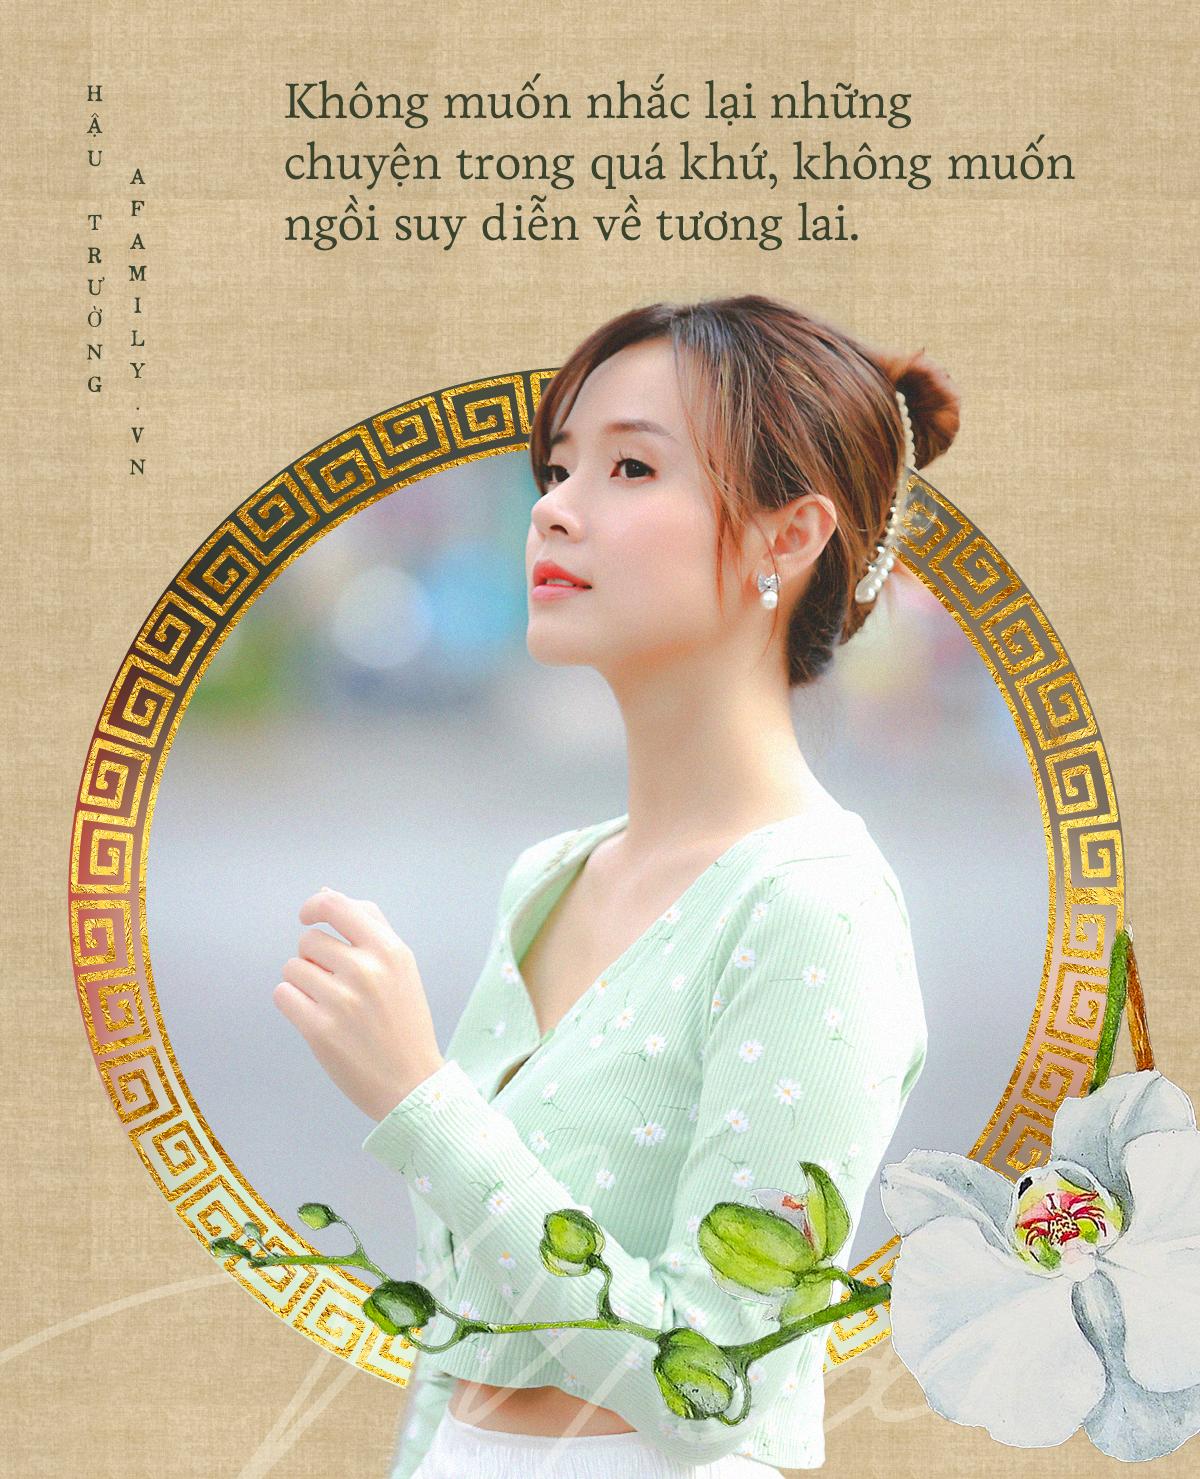 """30 Tết gặp gỡ cô nàng Midu hỏi chuyện """"bao giờ cưới chồng"""": Nếu không tìm được người """"vừa đủ"""" thì sống 1 mình cho khỏe - Ảnh 6."""